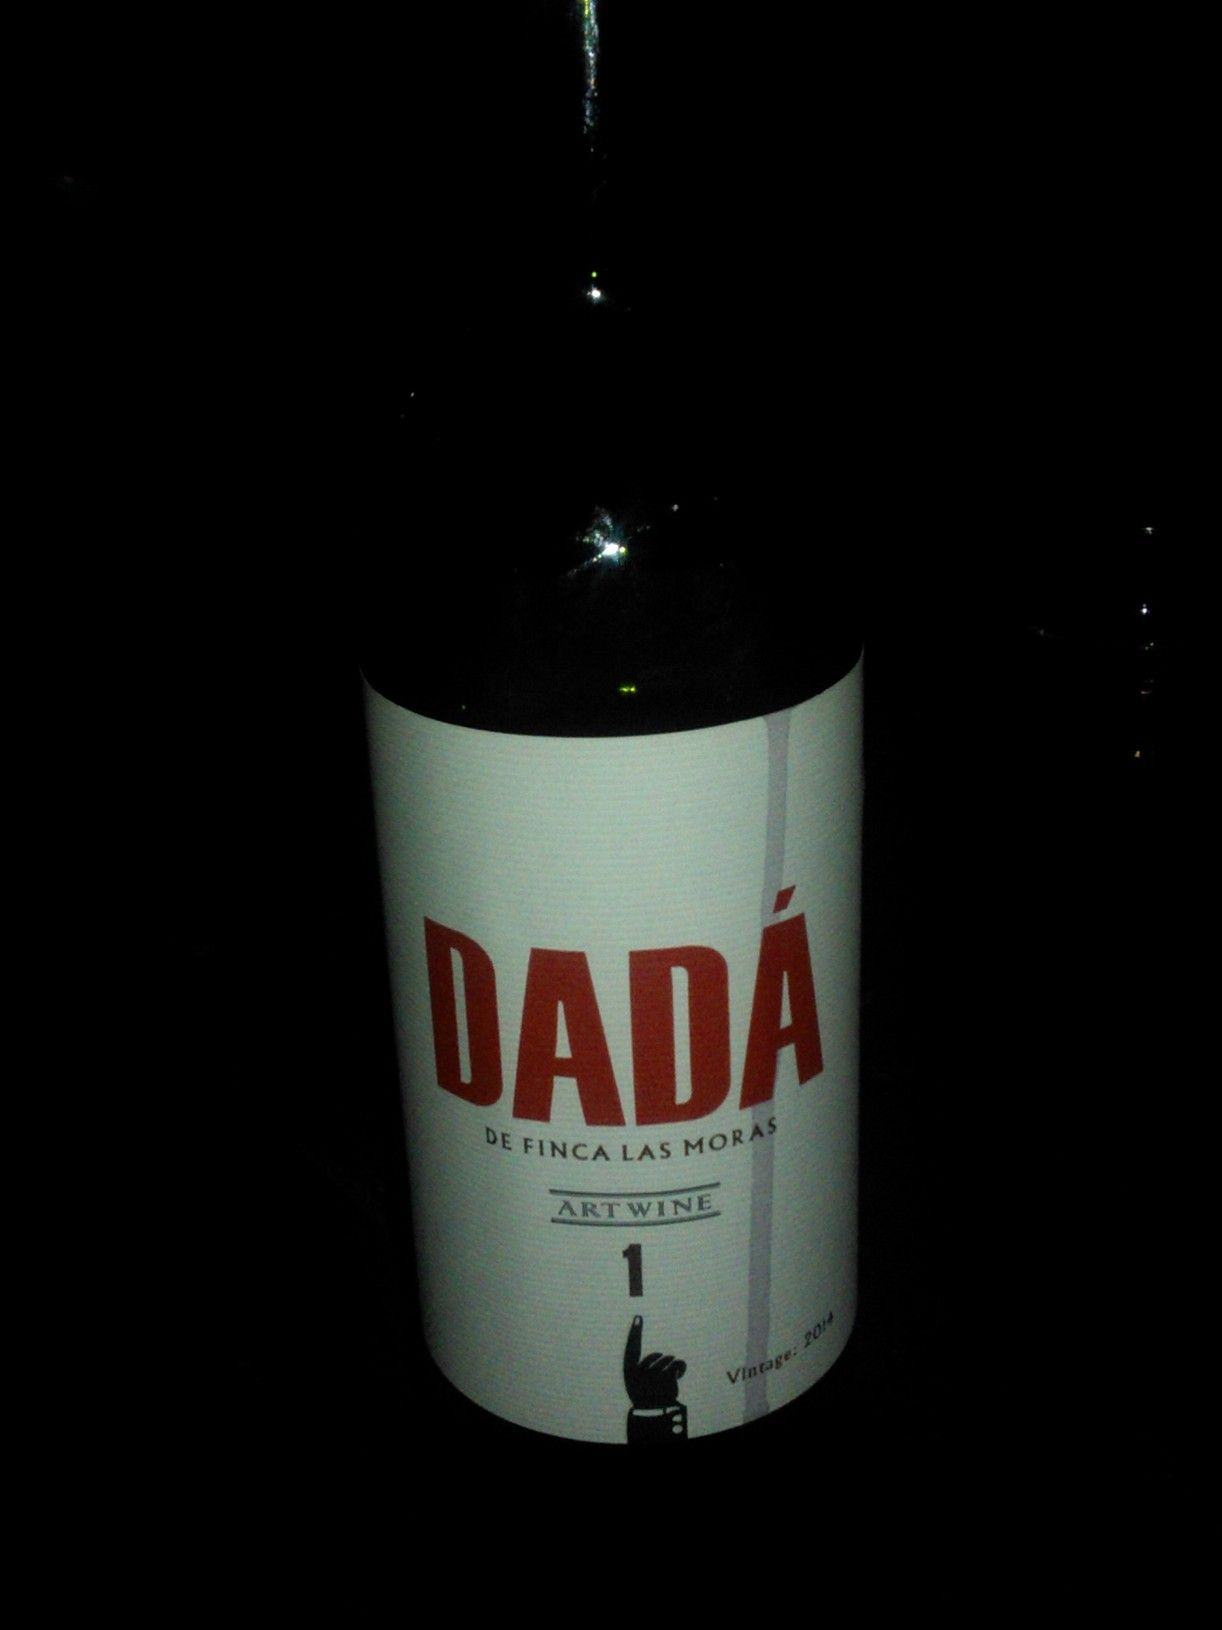 DADA 1 (tinto avainillado)